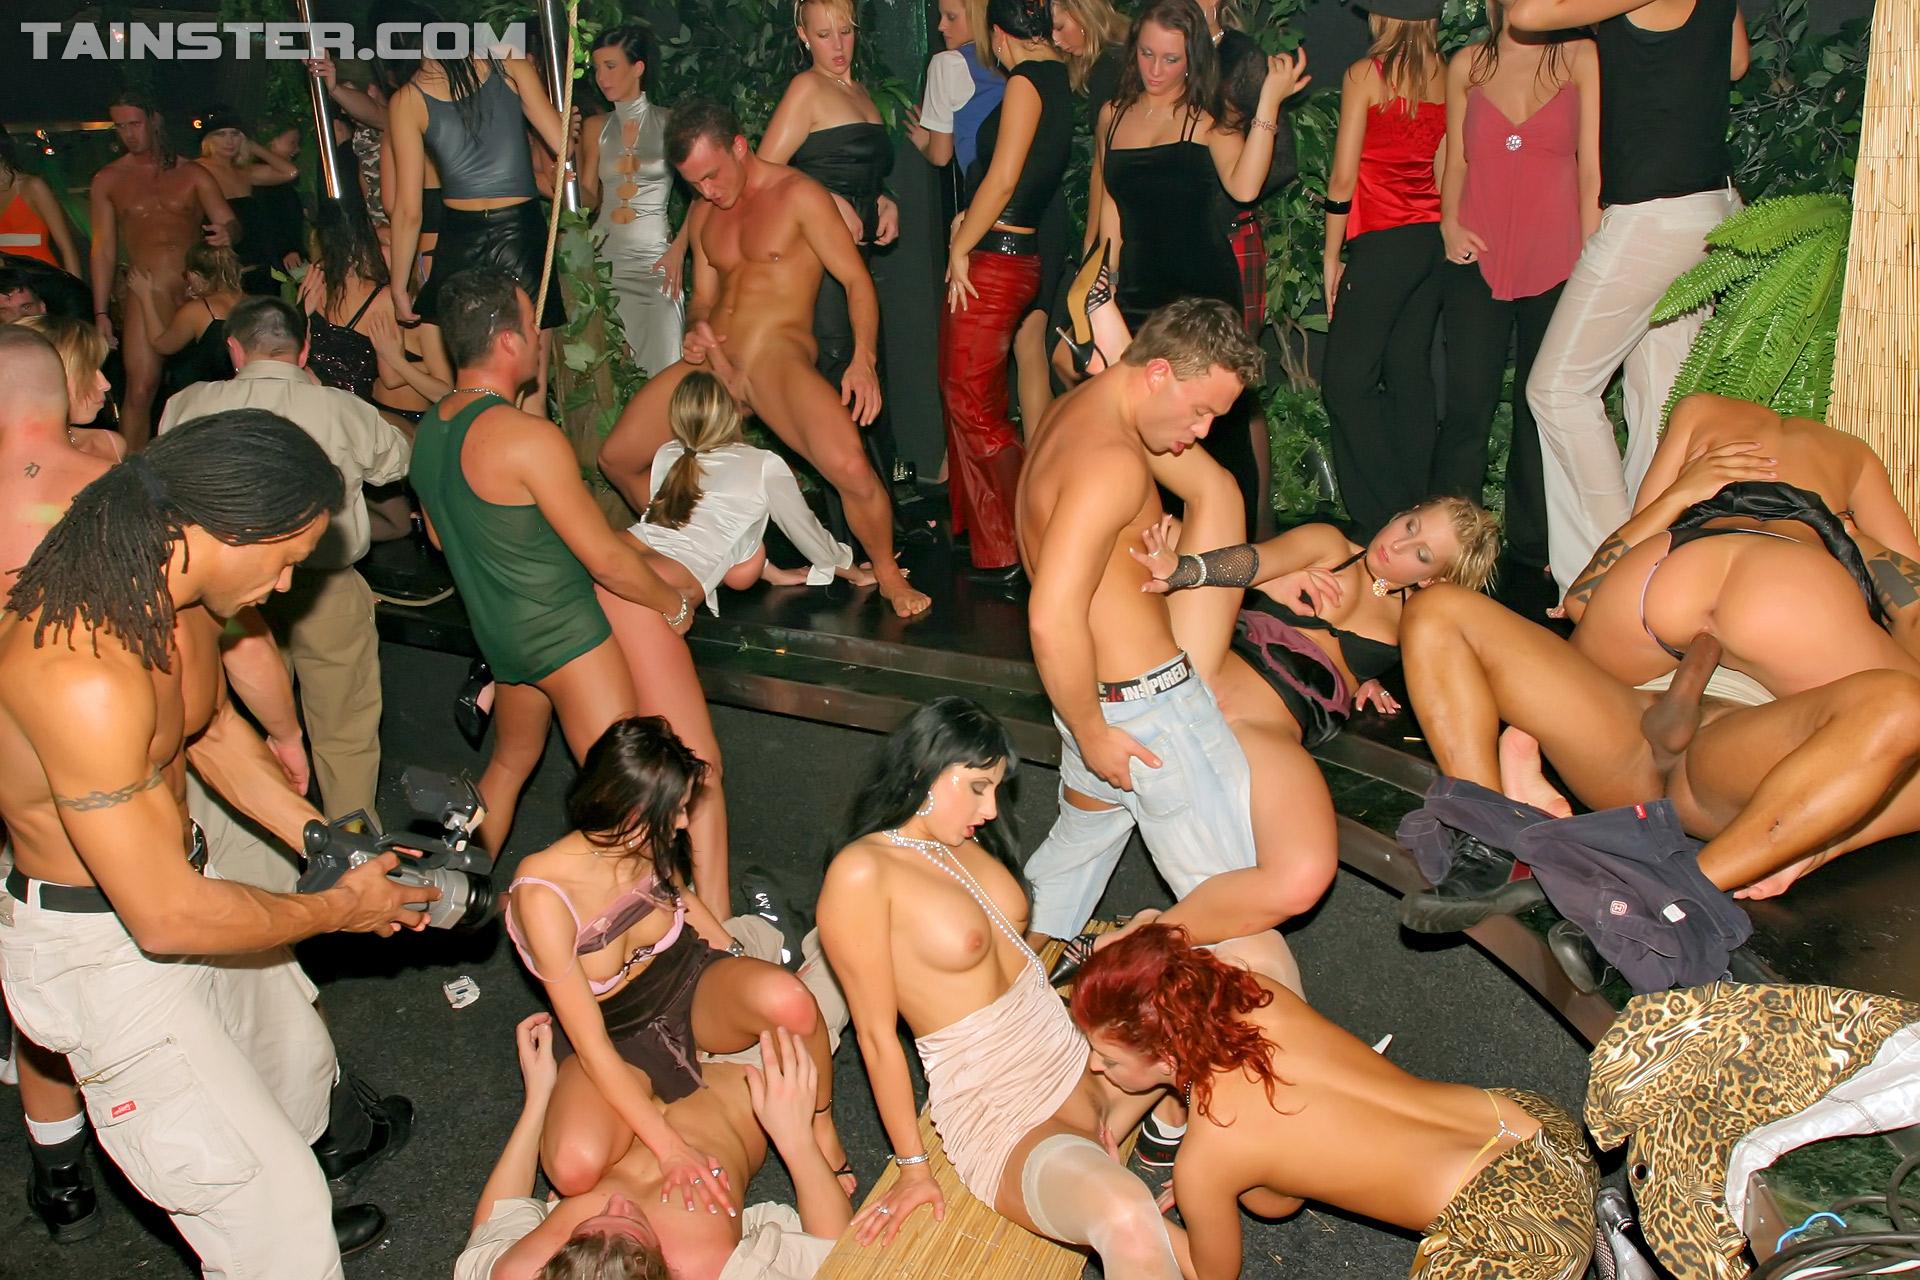 Секс вечеринки в клубах в порно онлайн, Вечеринки порно, смотреть секс Вечеринки студентов 12 фотография